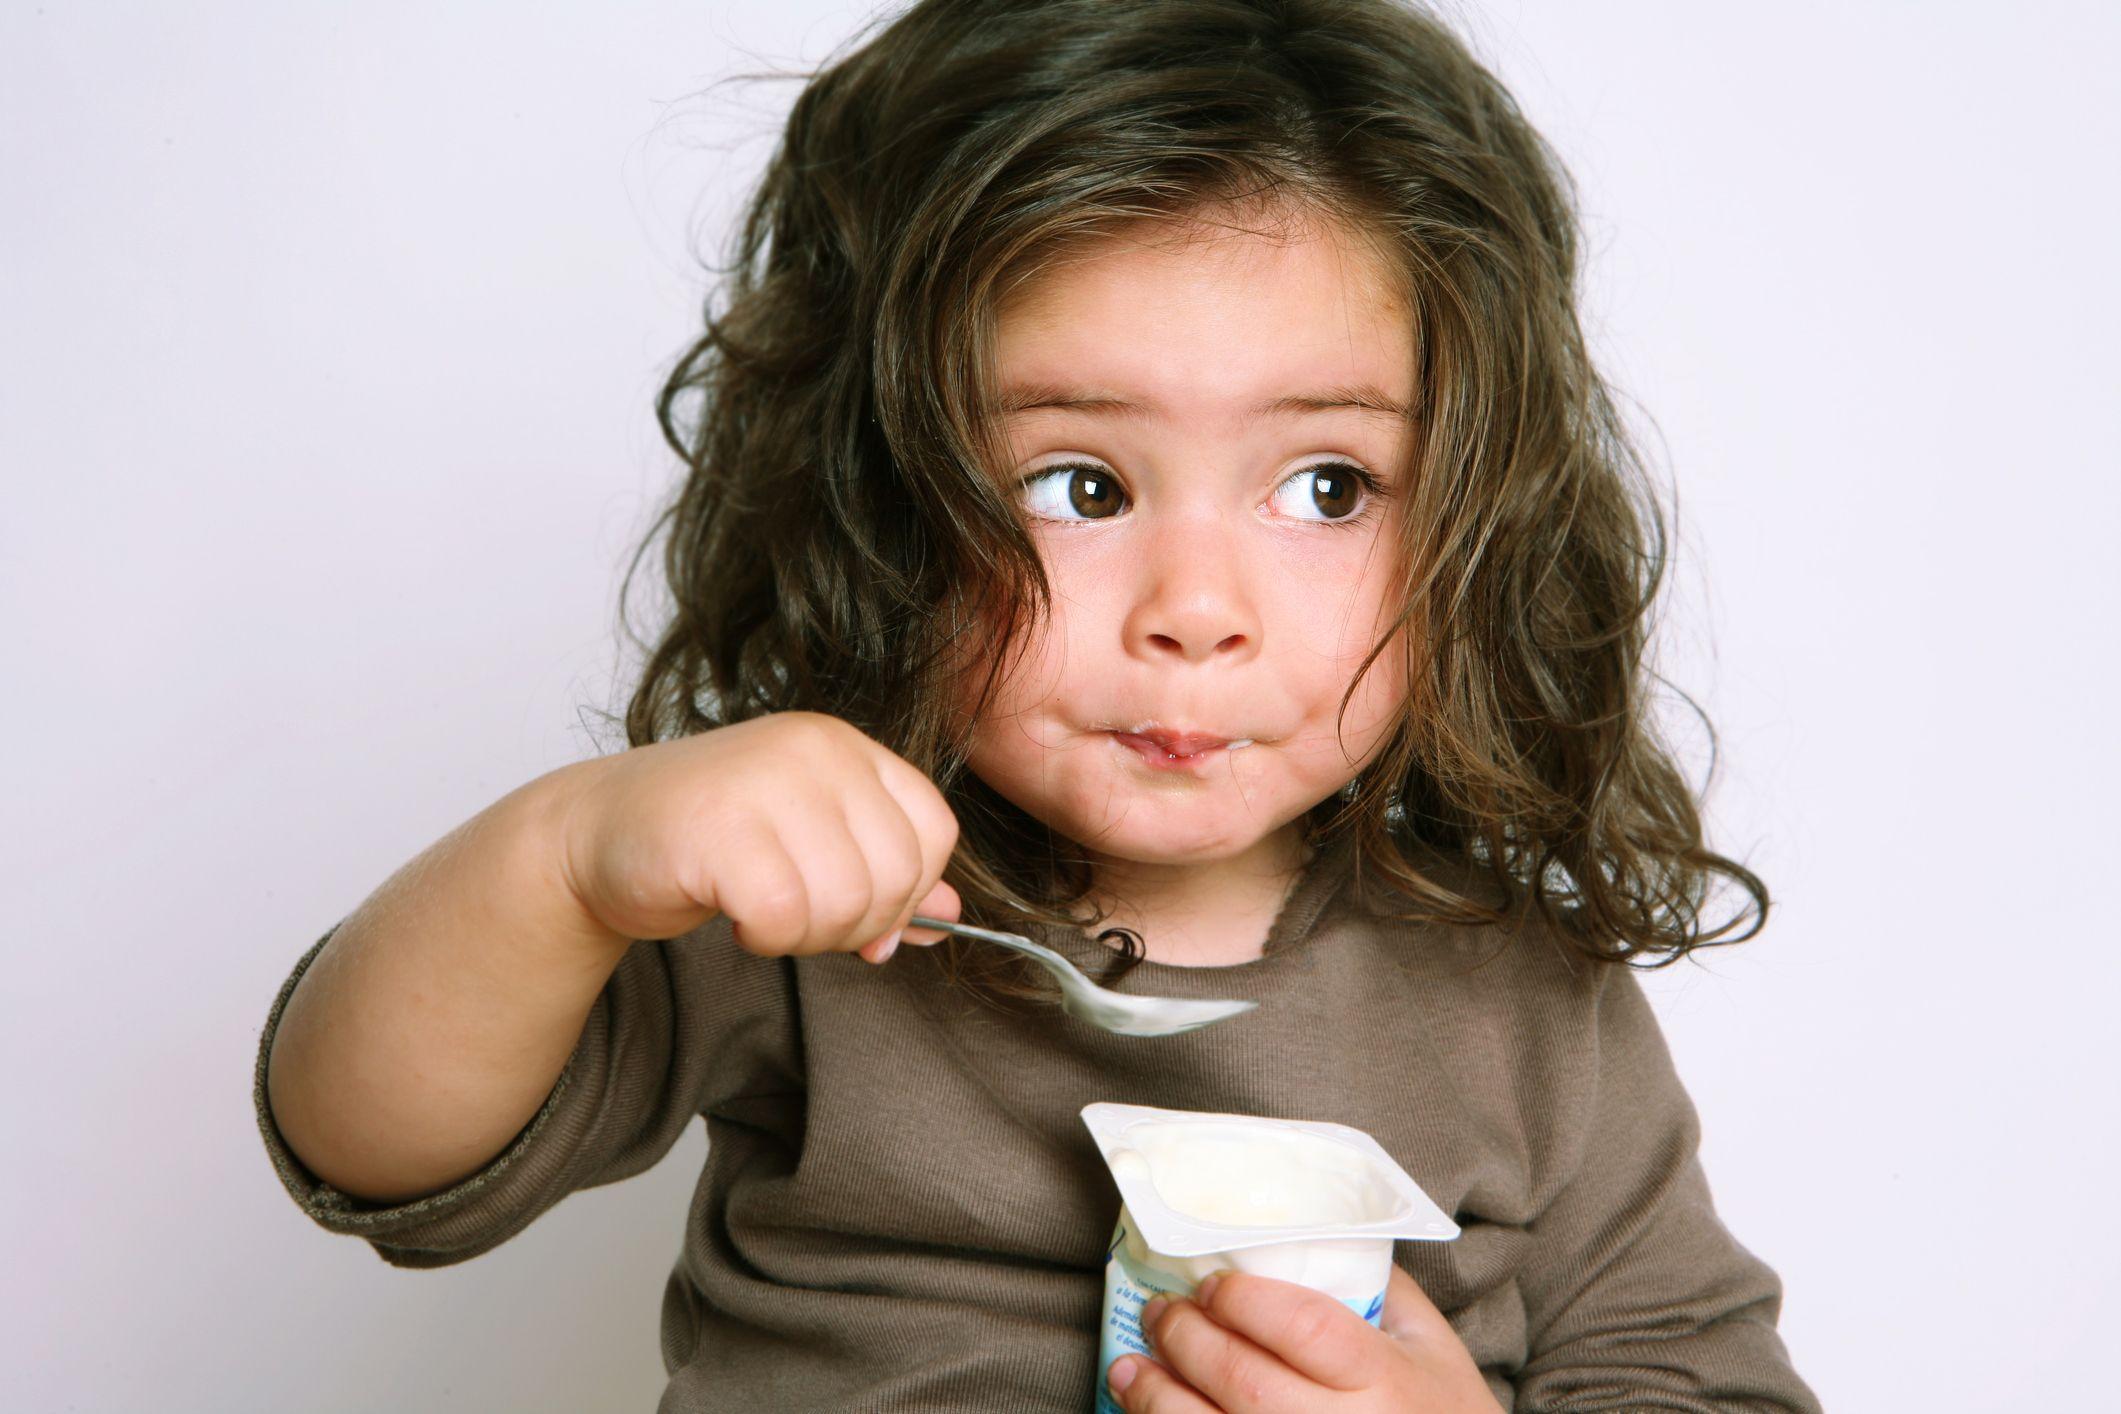 Little girl eating yogurt enthusiastically